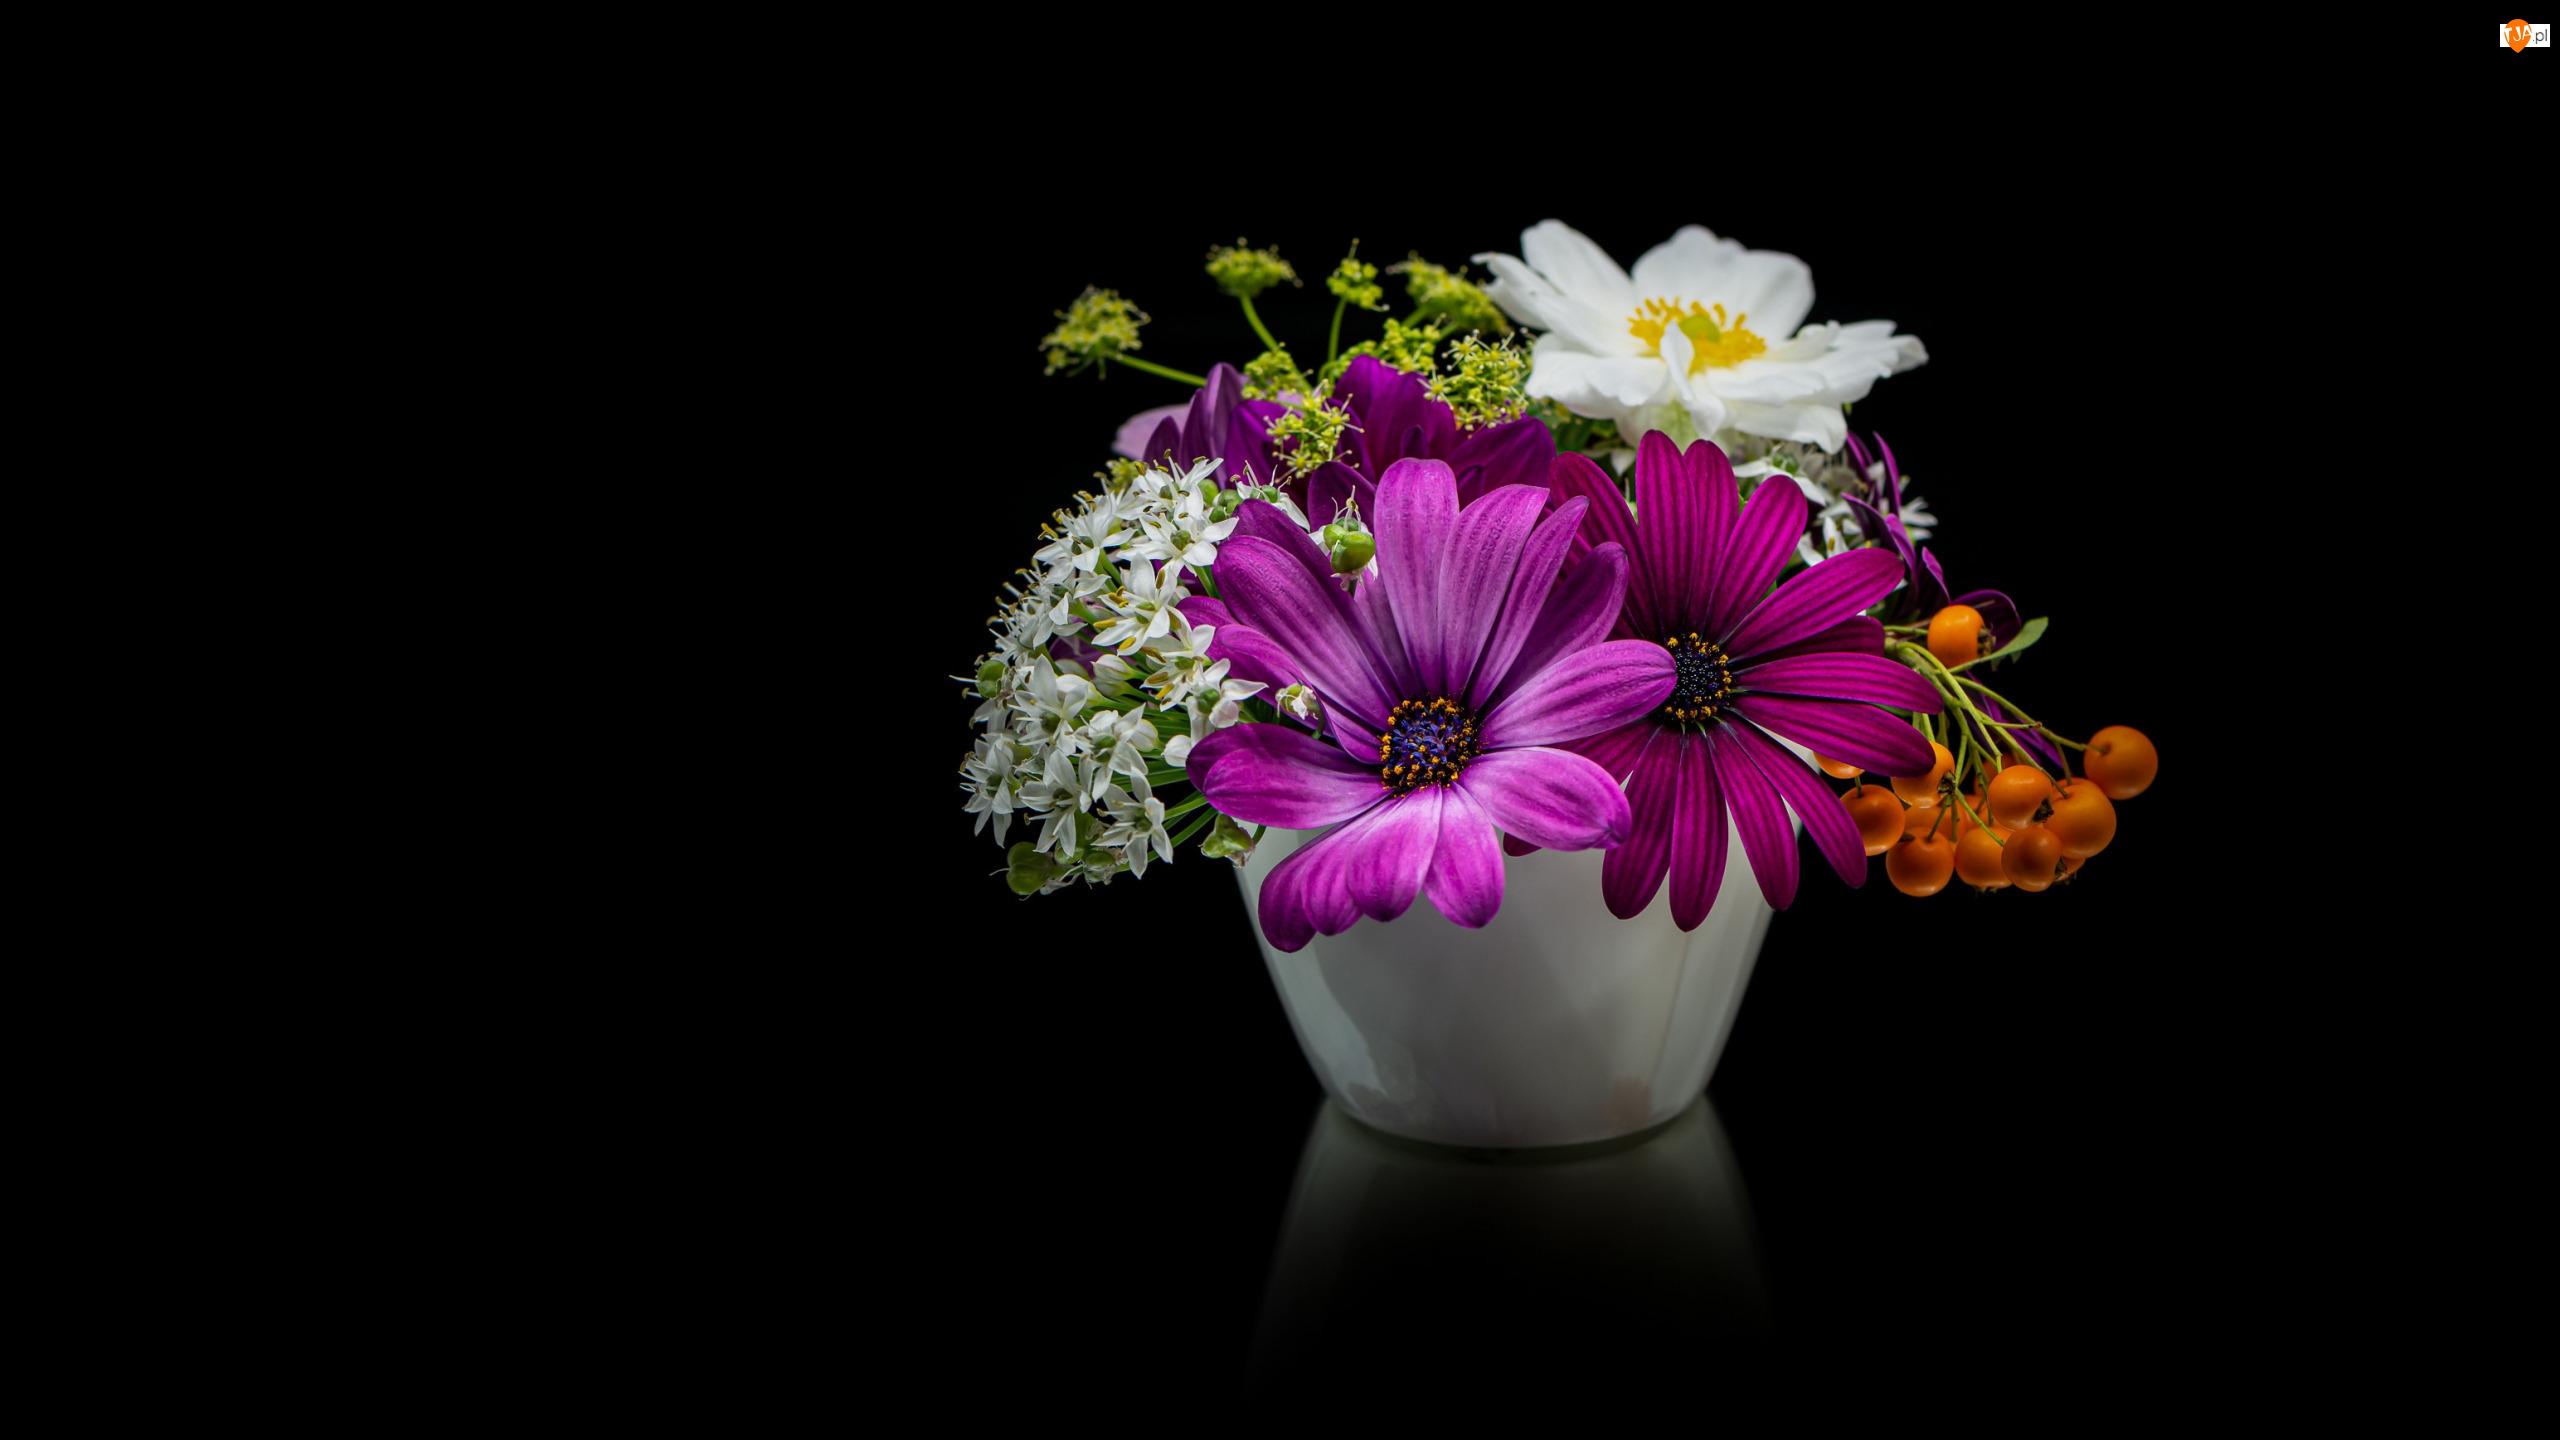 Bukiet, Kwiaty, Naczynie, Tło, Stokrotki afrykańskie, Ciemne